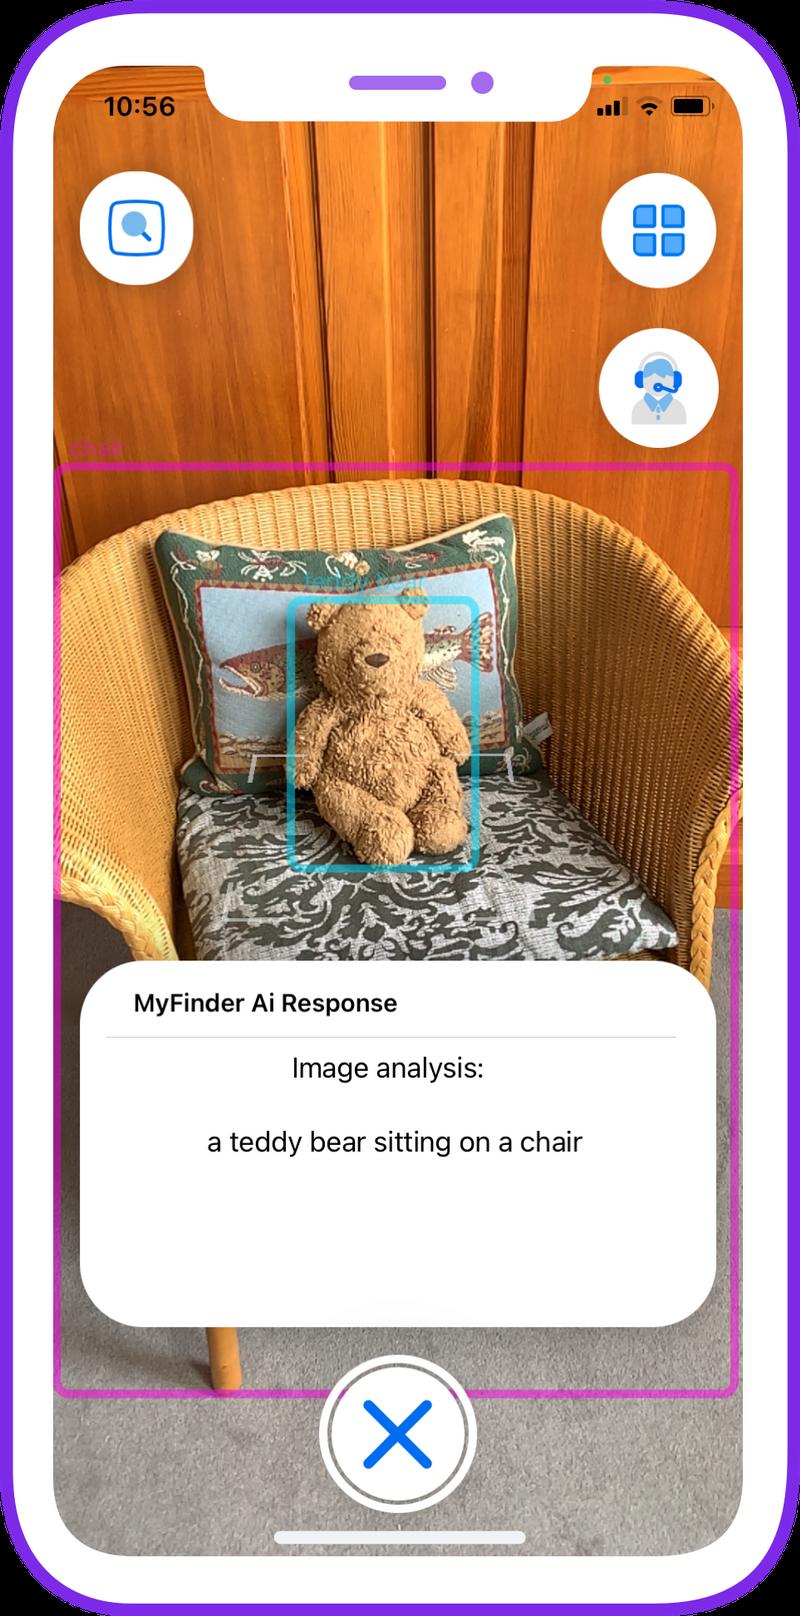 Teddy bear sat on a chair